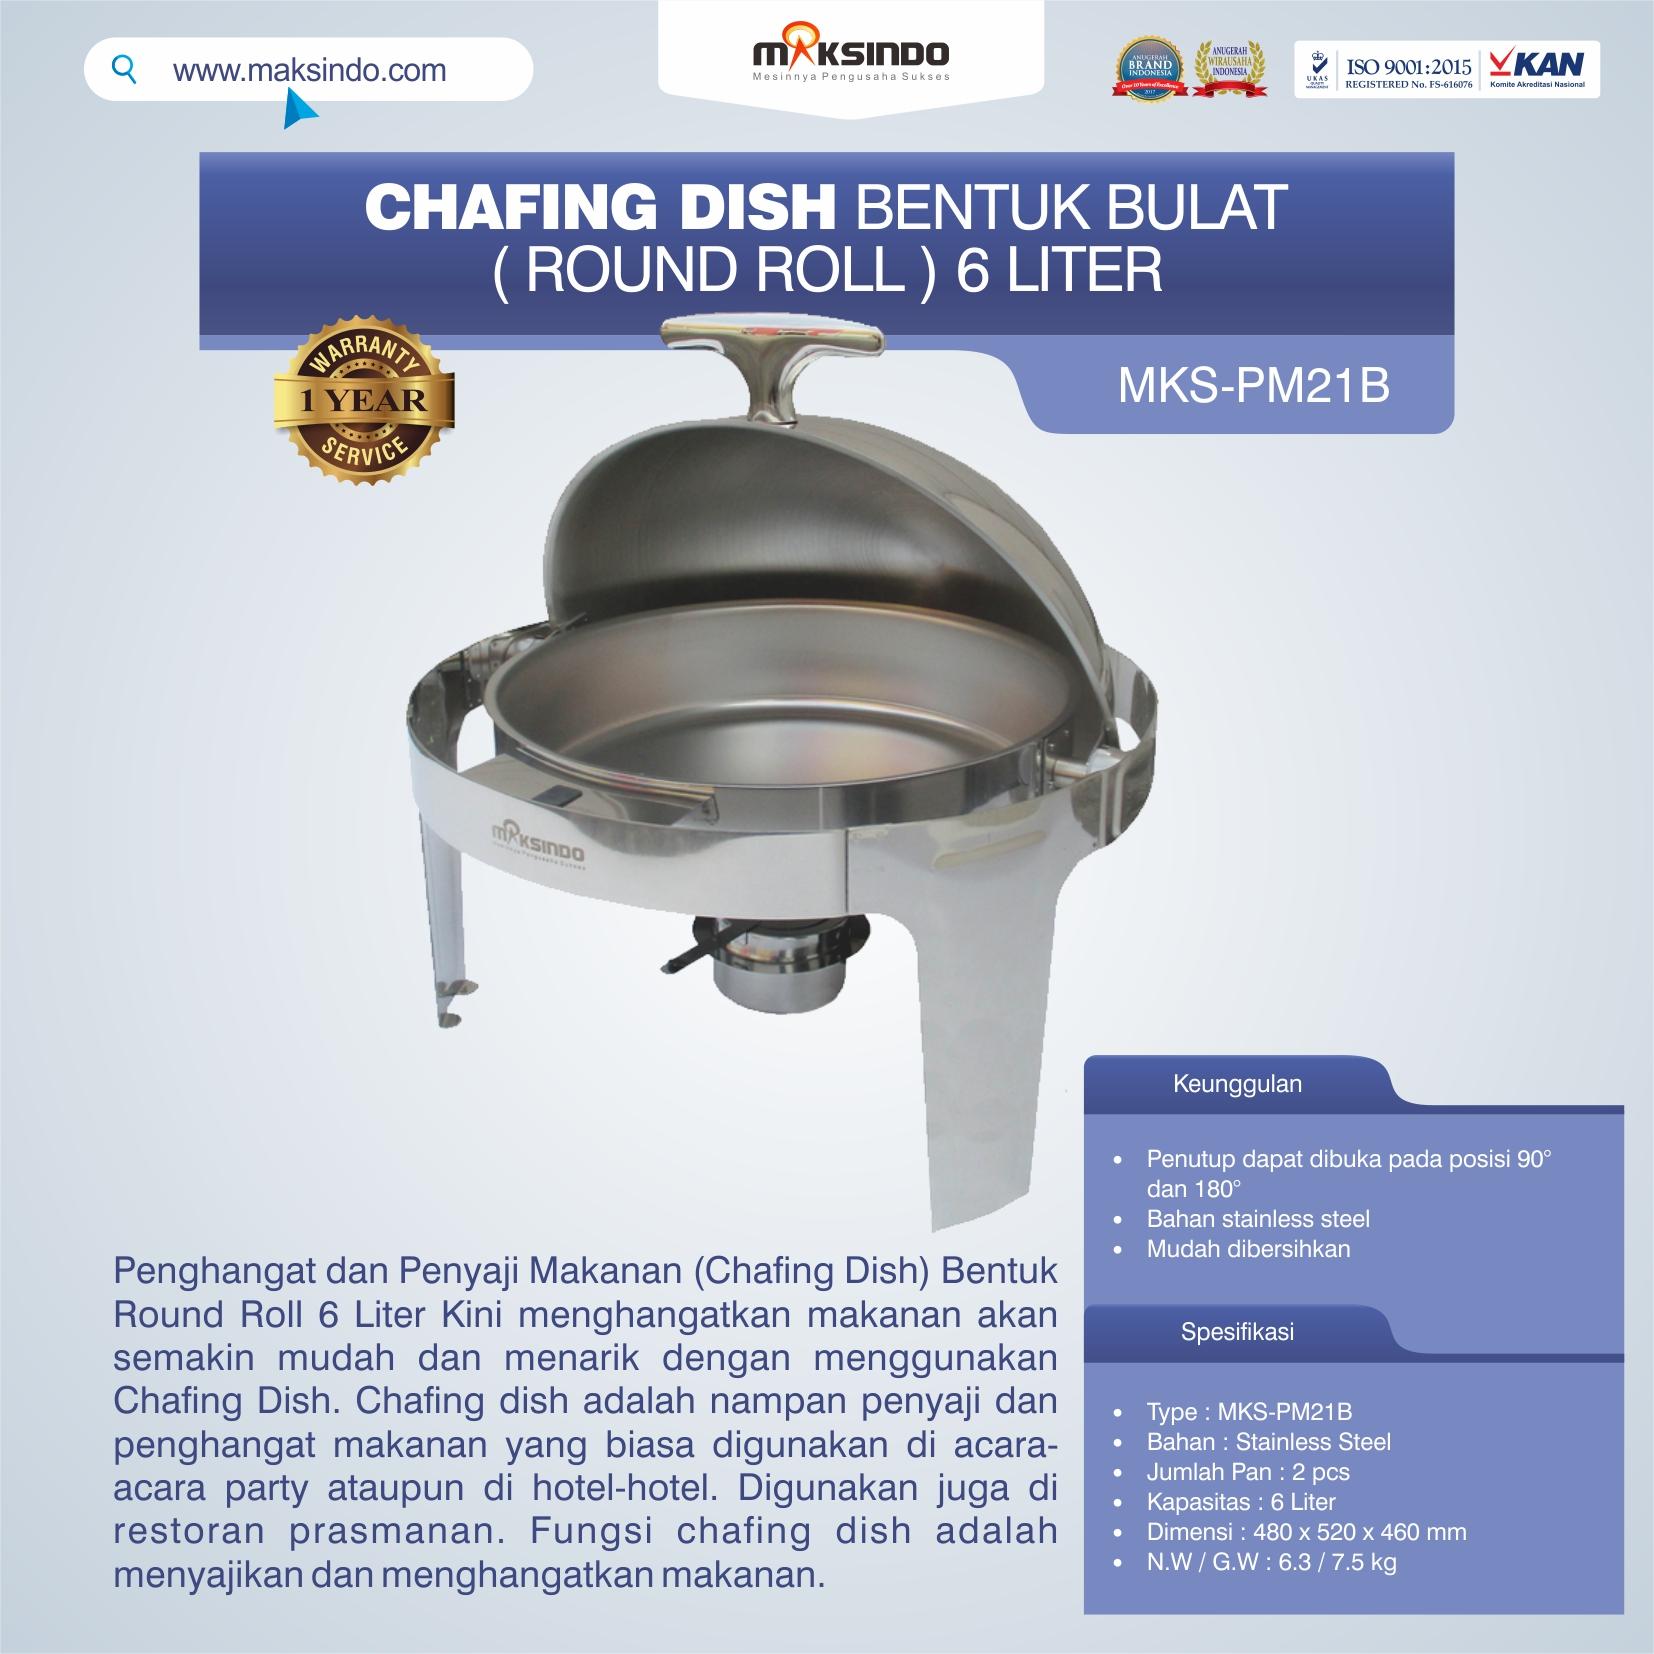 Jual Chafing Dish Bentuk Bulat (Round Roll) 6 Liter di Bogor